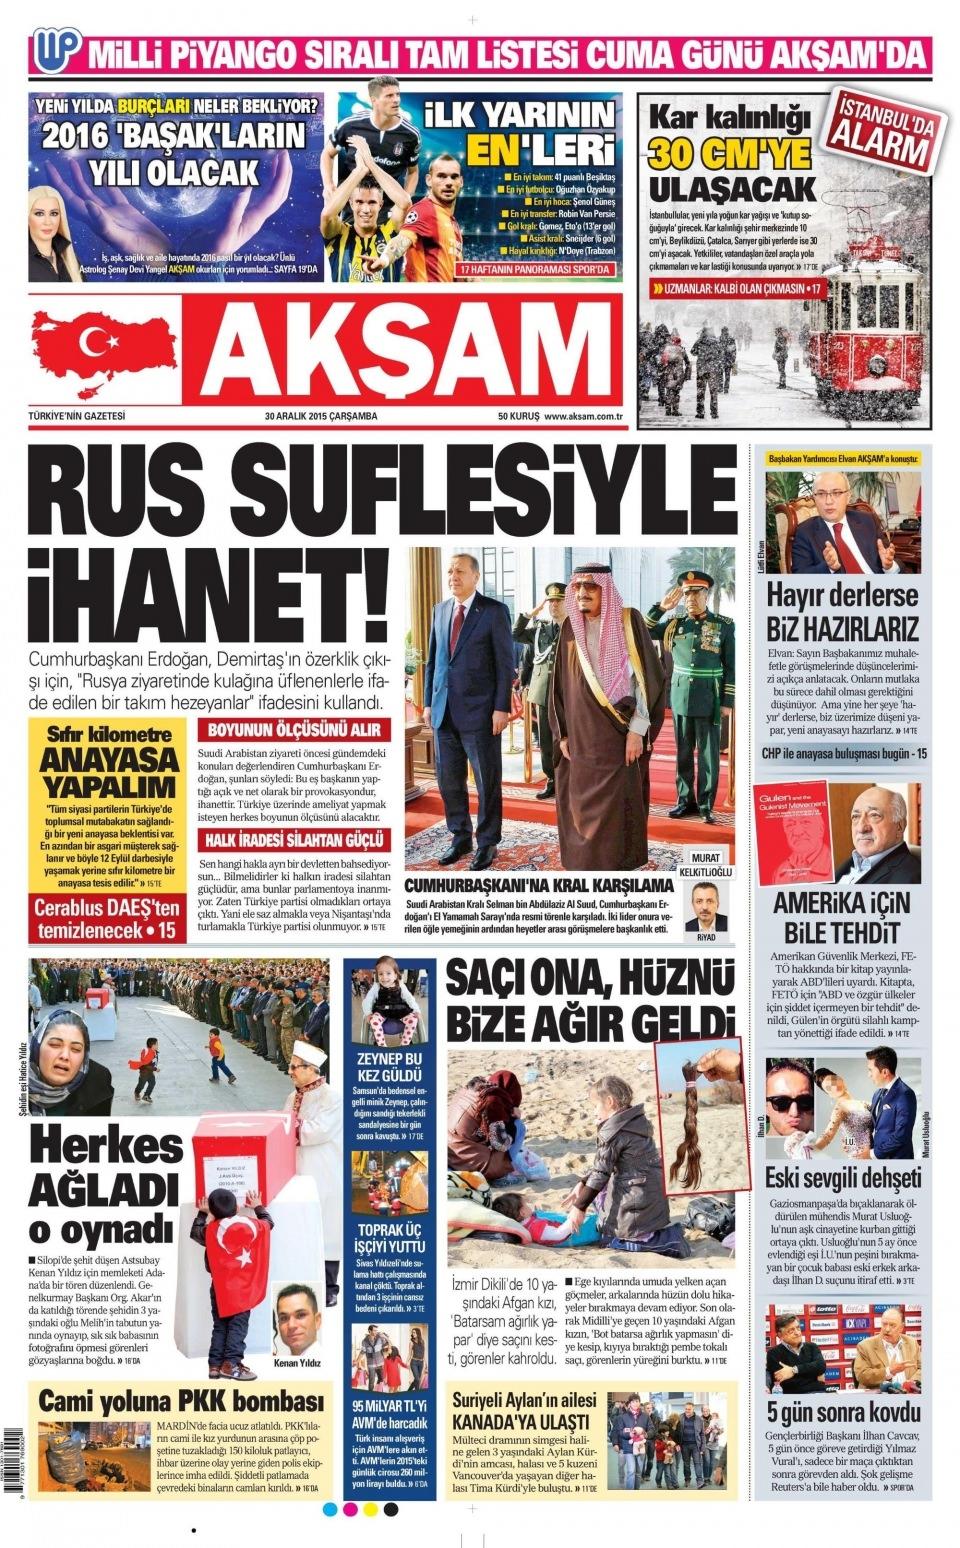 30 Aralık 2015 gazete manşetleri 1